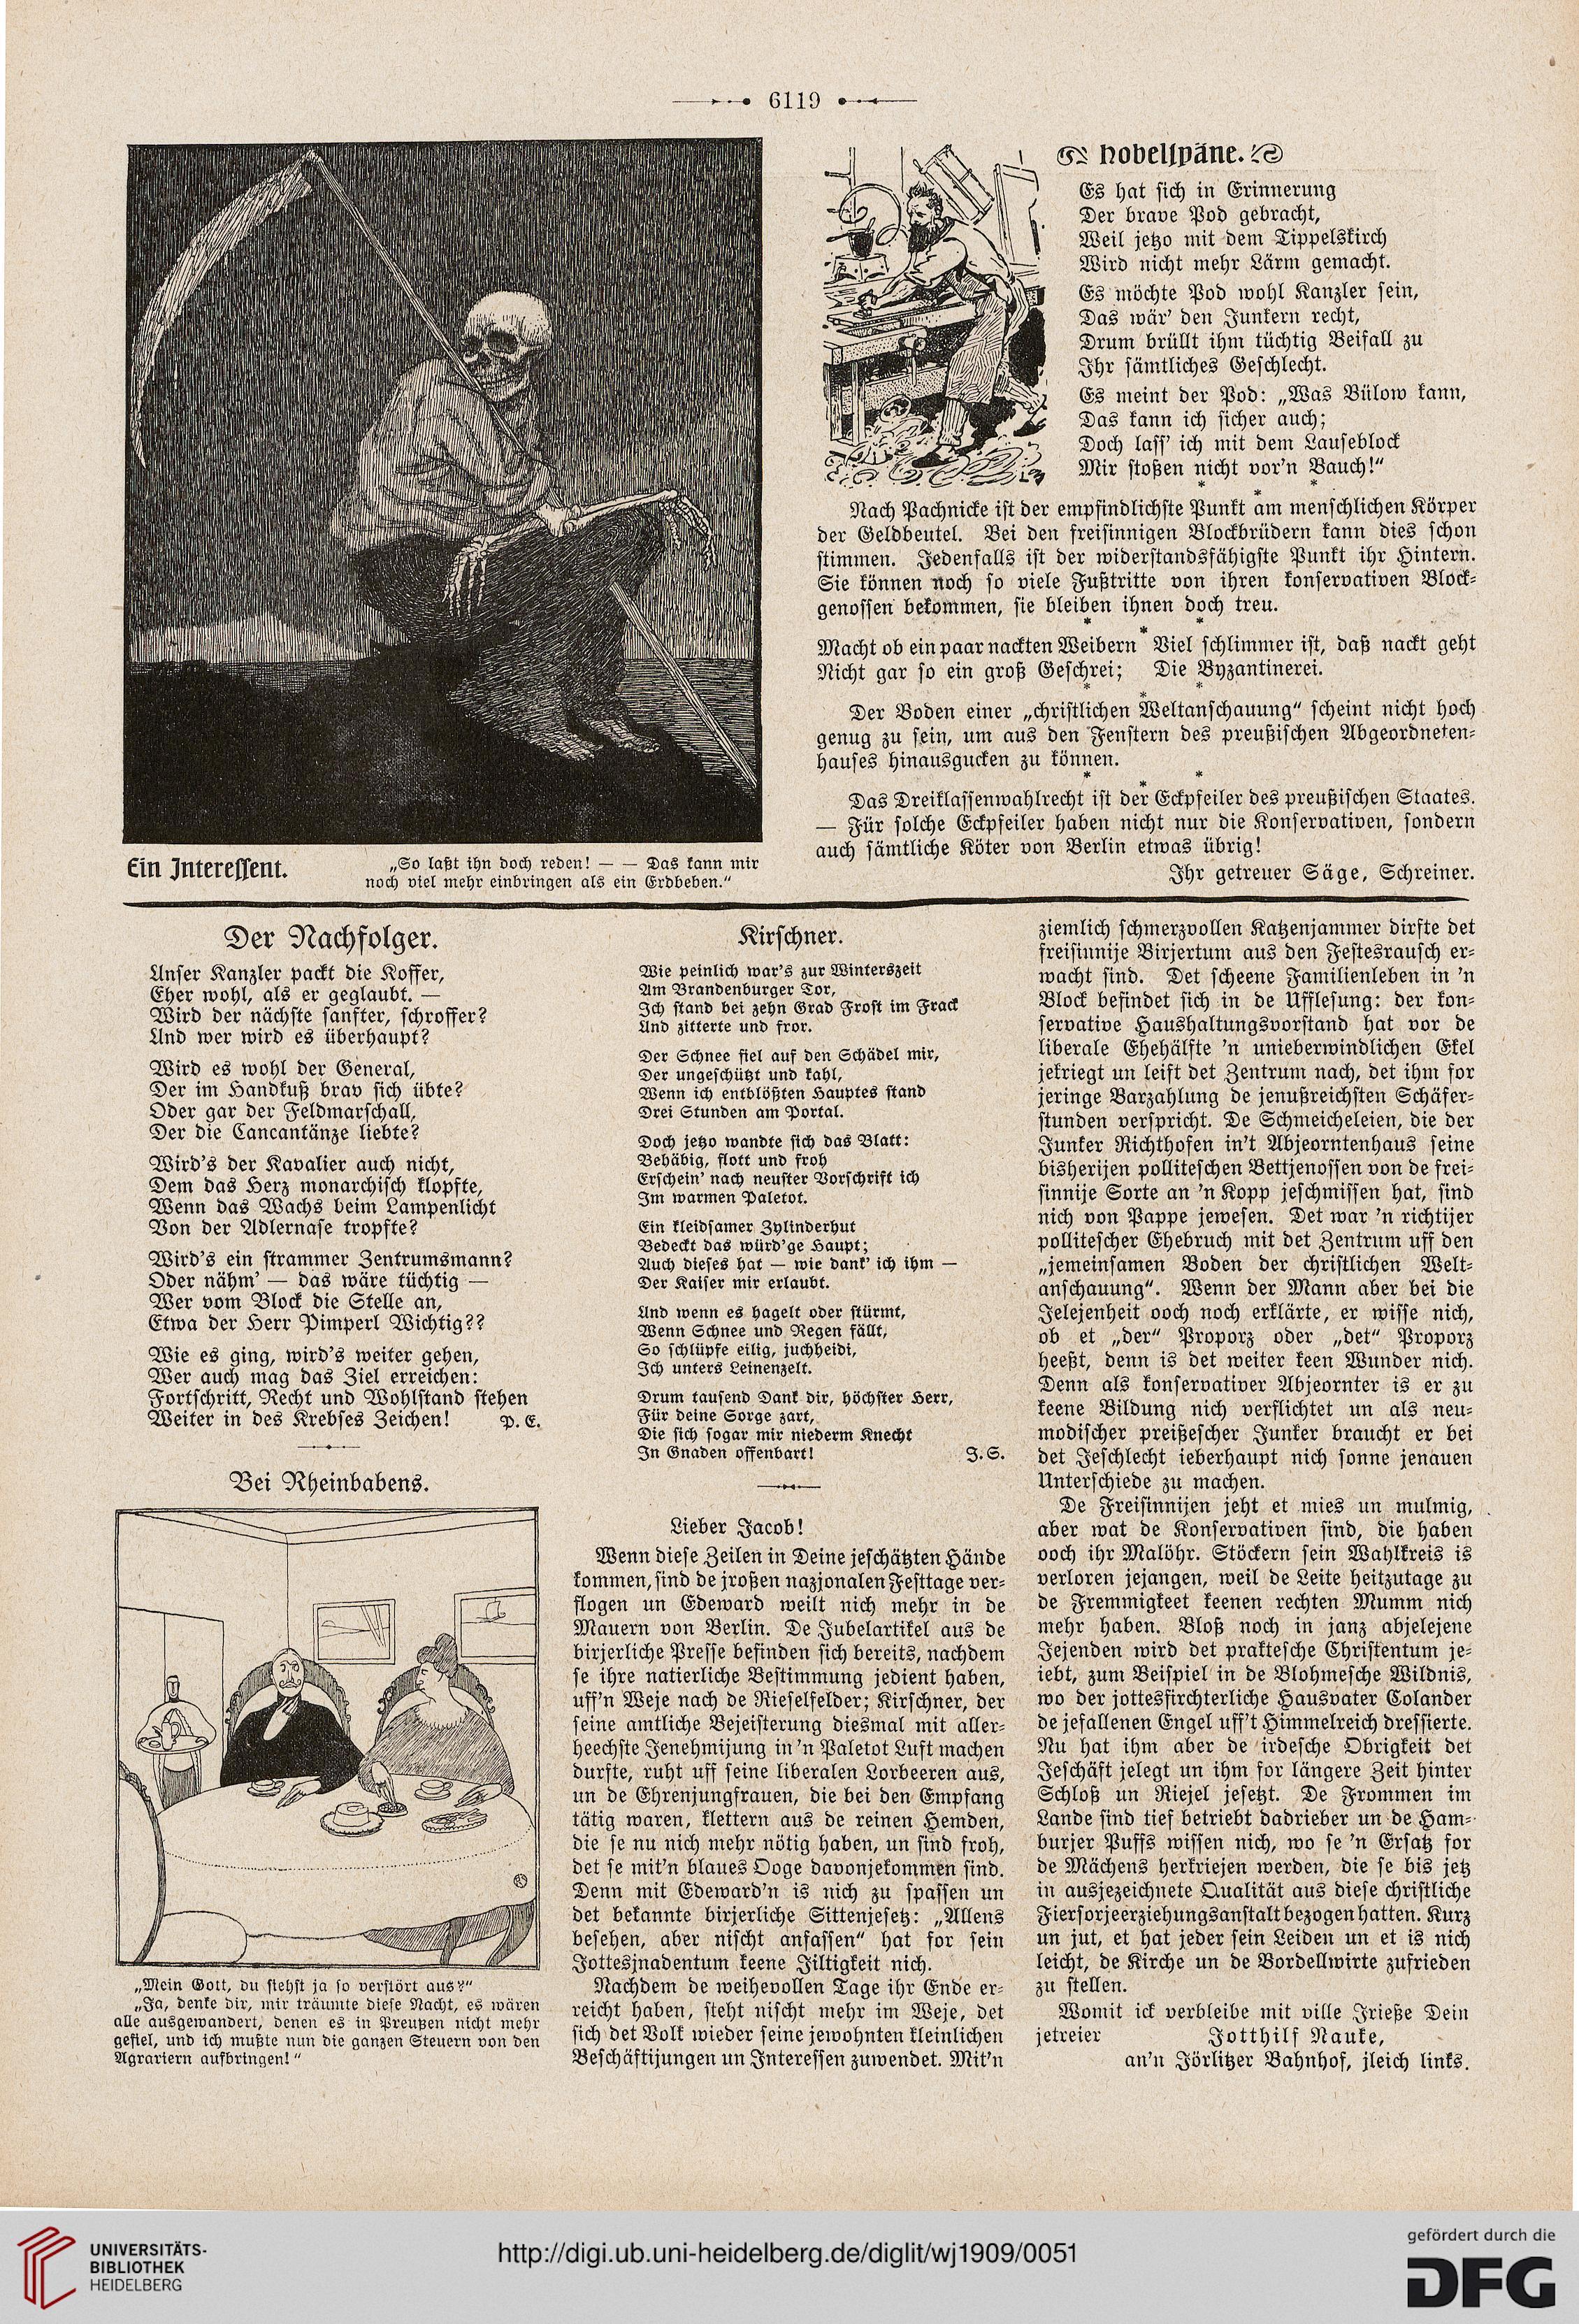 Der wahre Jakob: illustrierte Zeitschrift für Satire, Humor